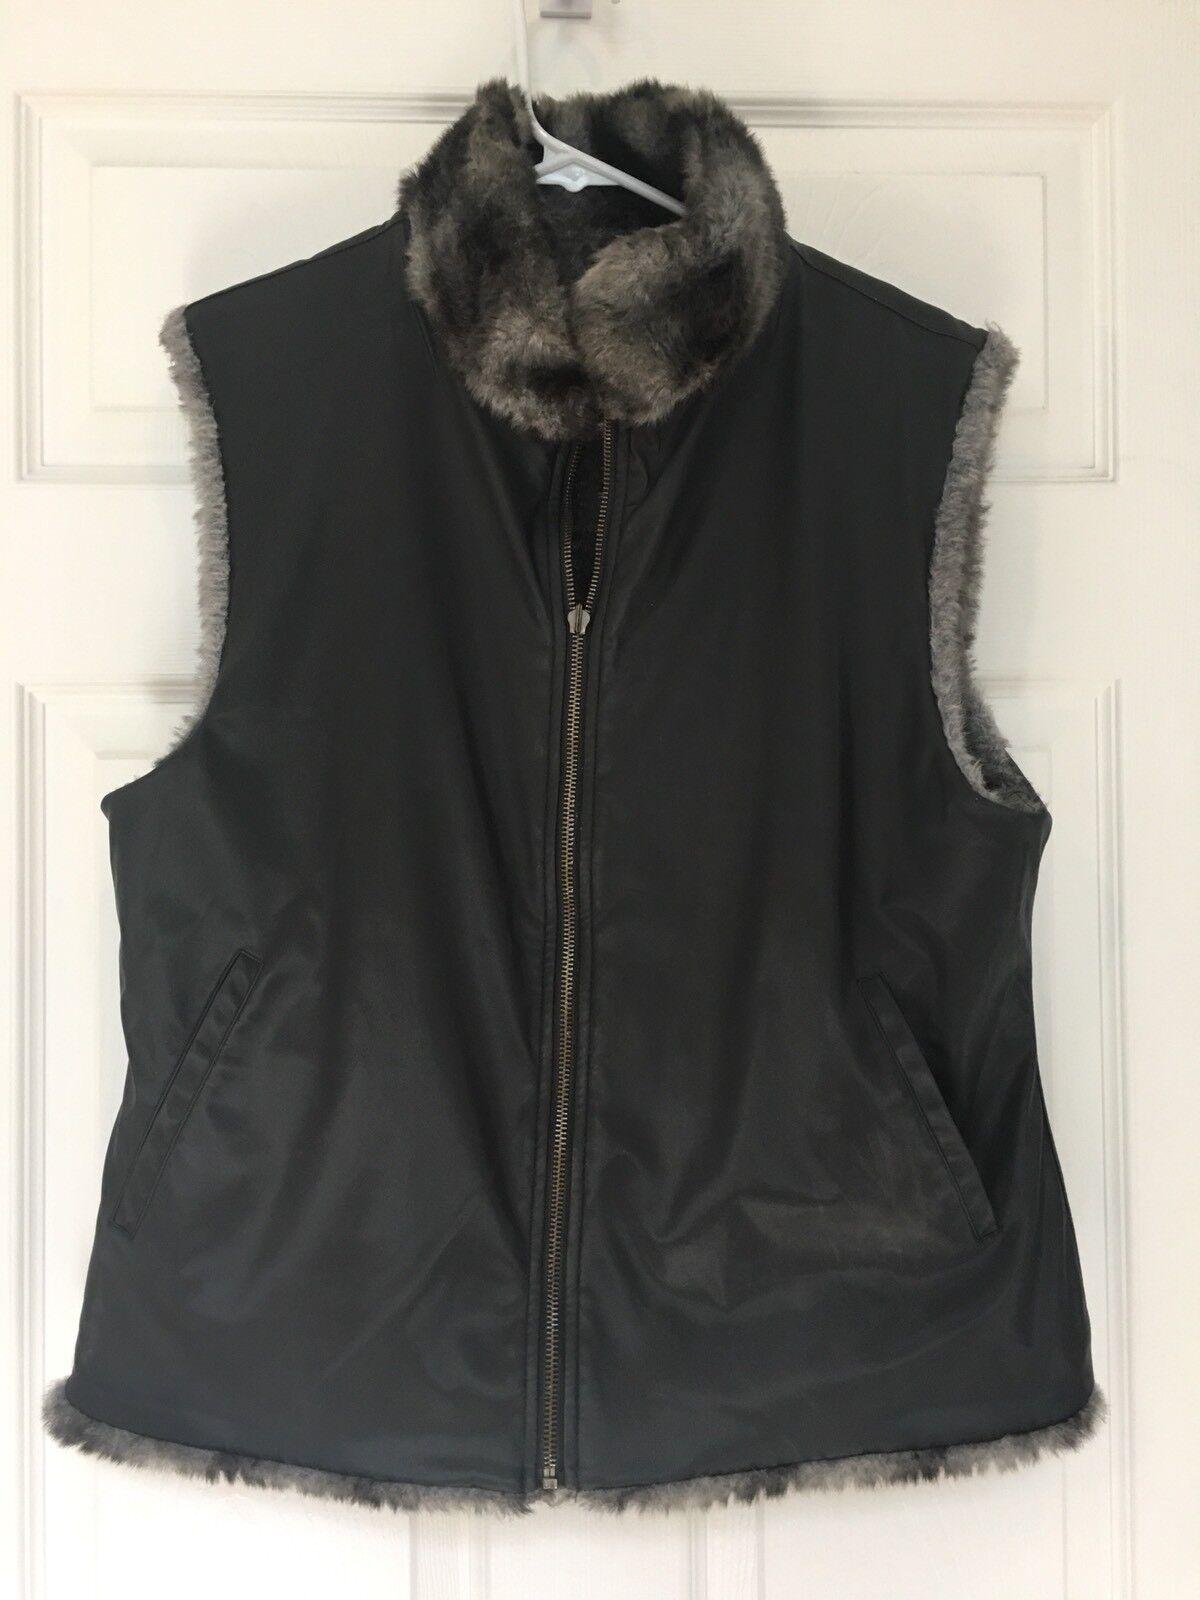 Blassport By Bill Blass Woman Faux Faux Faux Fur Reversible Vest Vegan  Size M  e5e60b